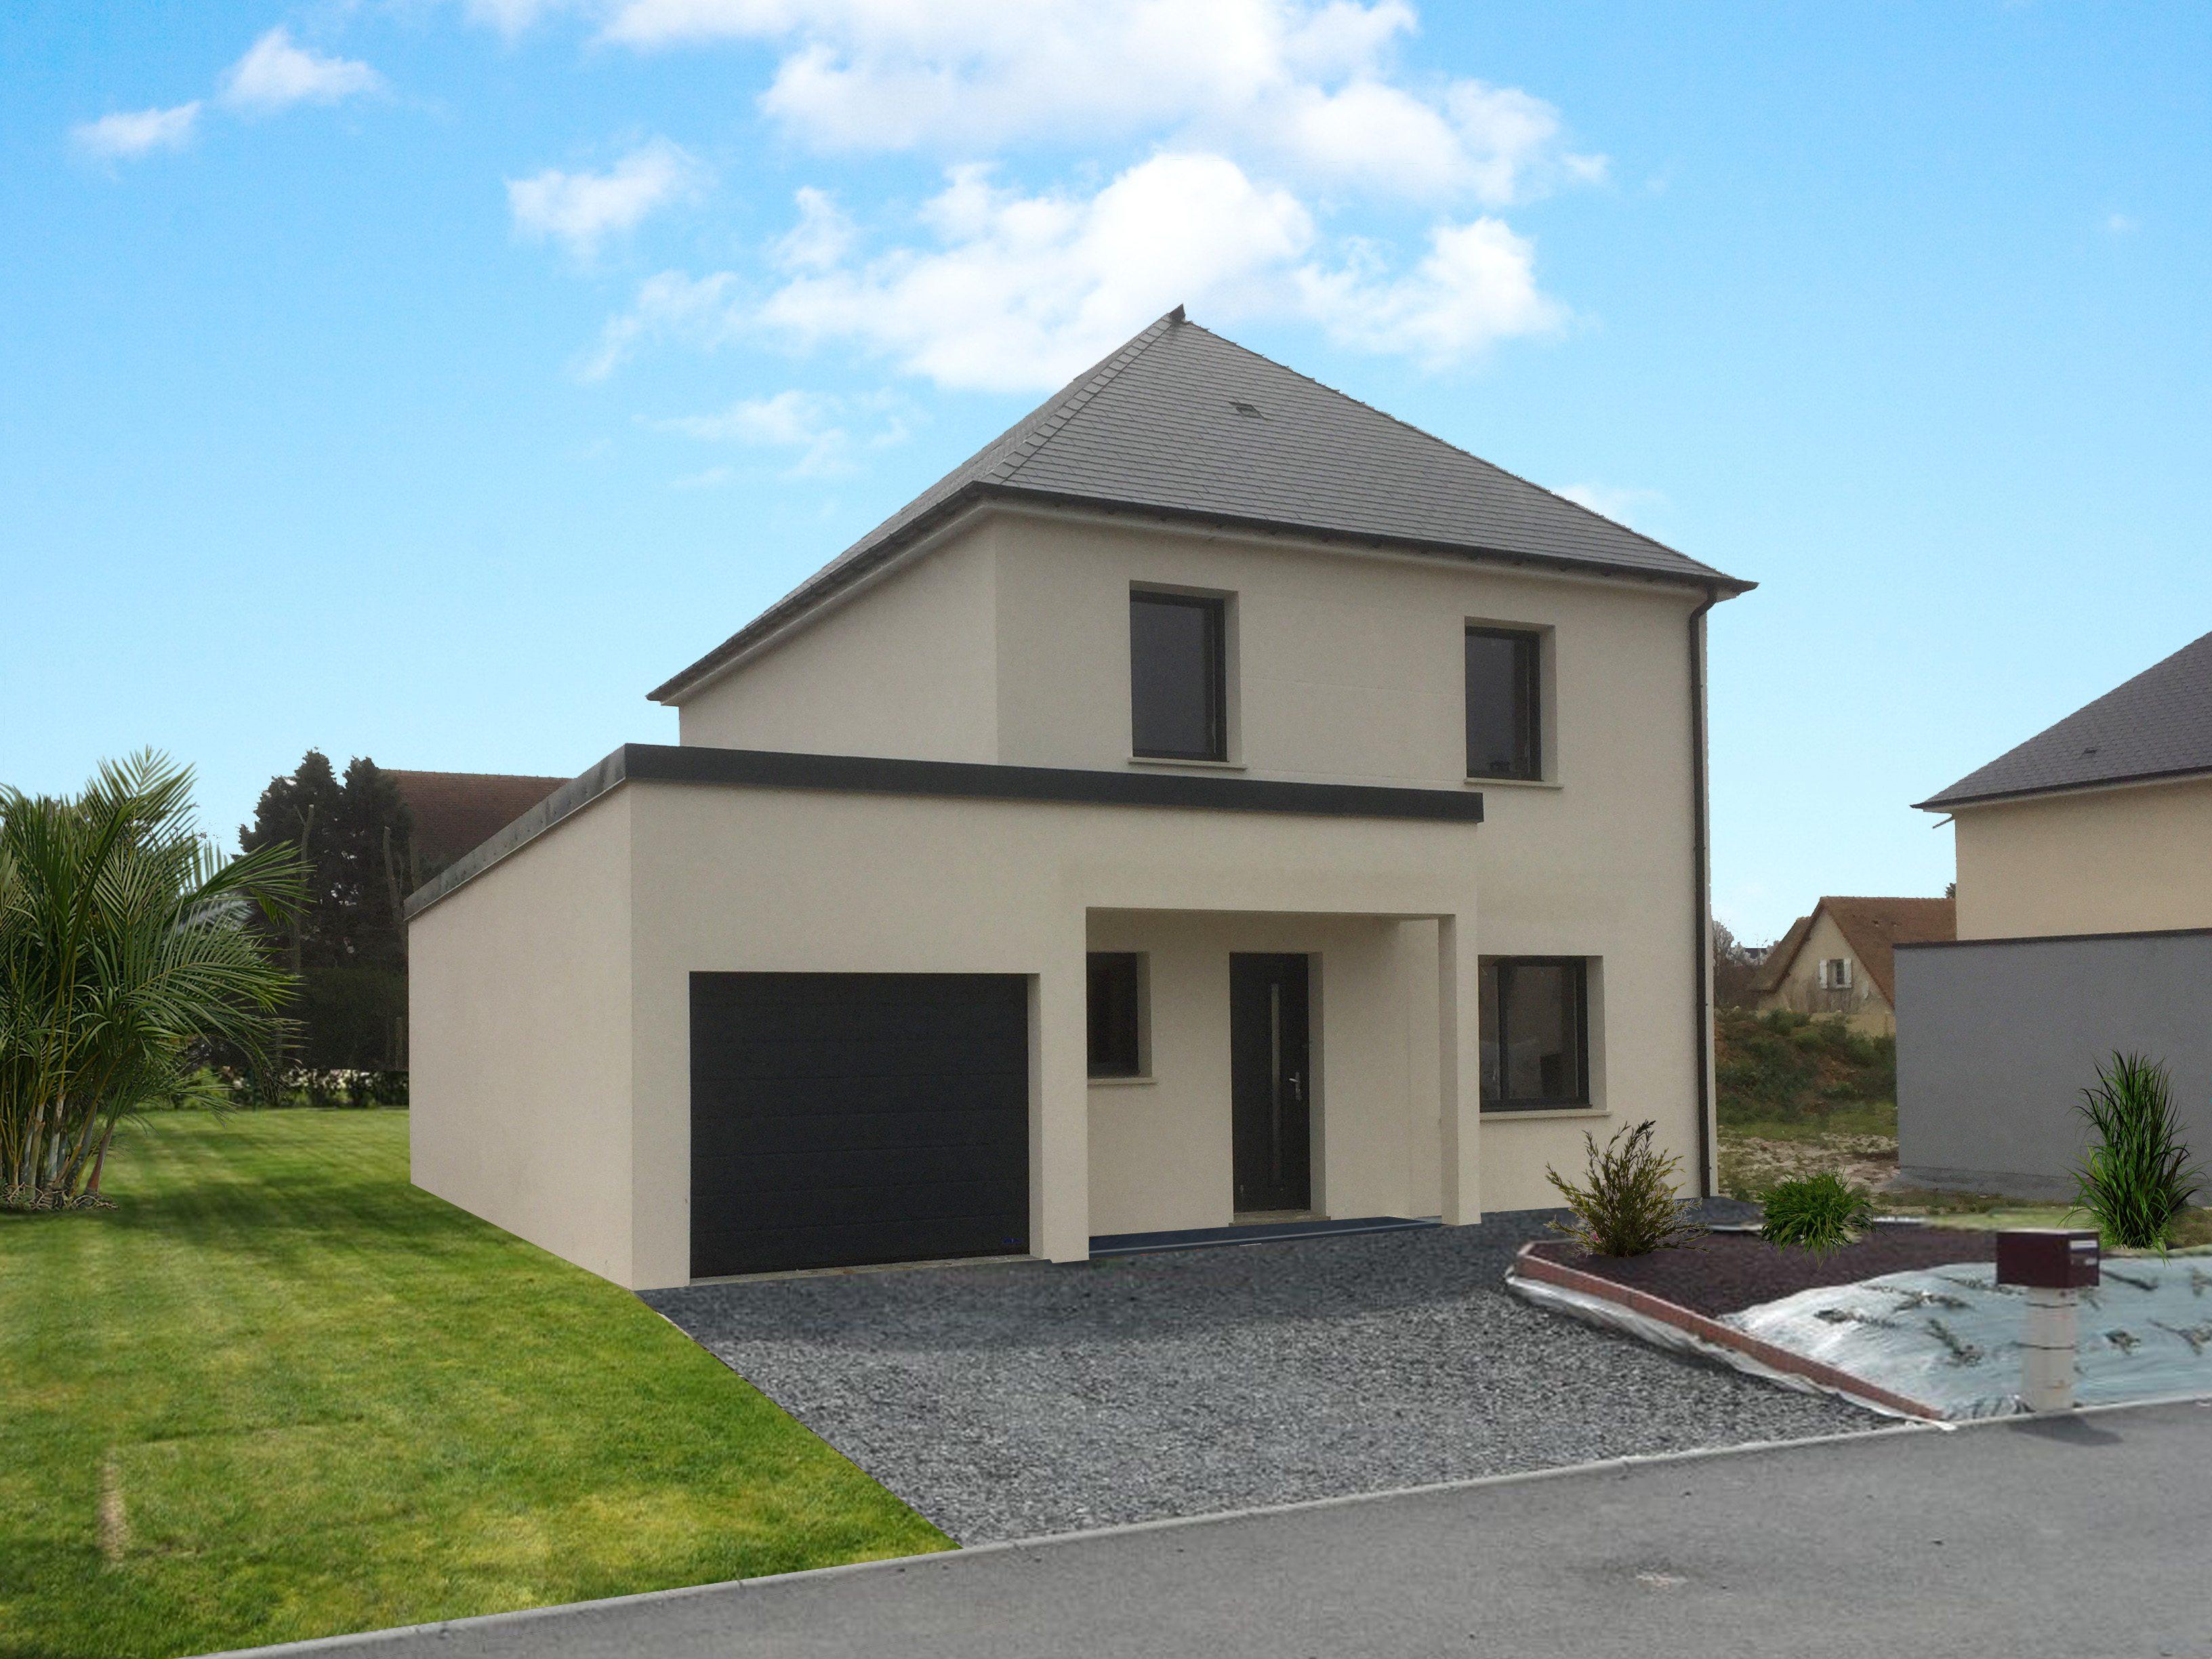 Maisons + Terrains du constructeur MAISON FAMILIALE RENNES • 110 m² • LE TRONCHET